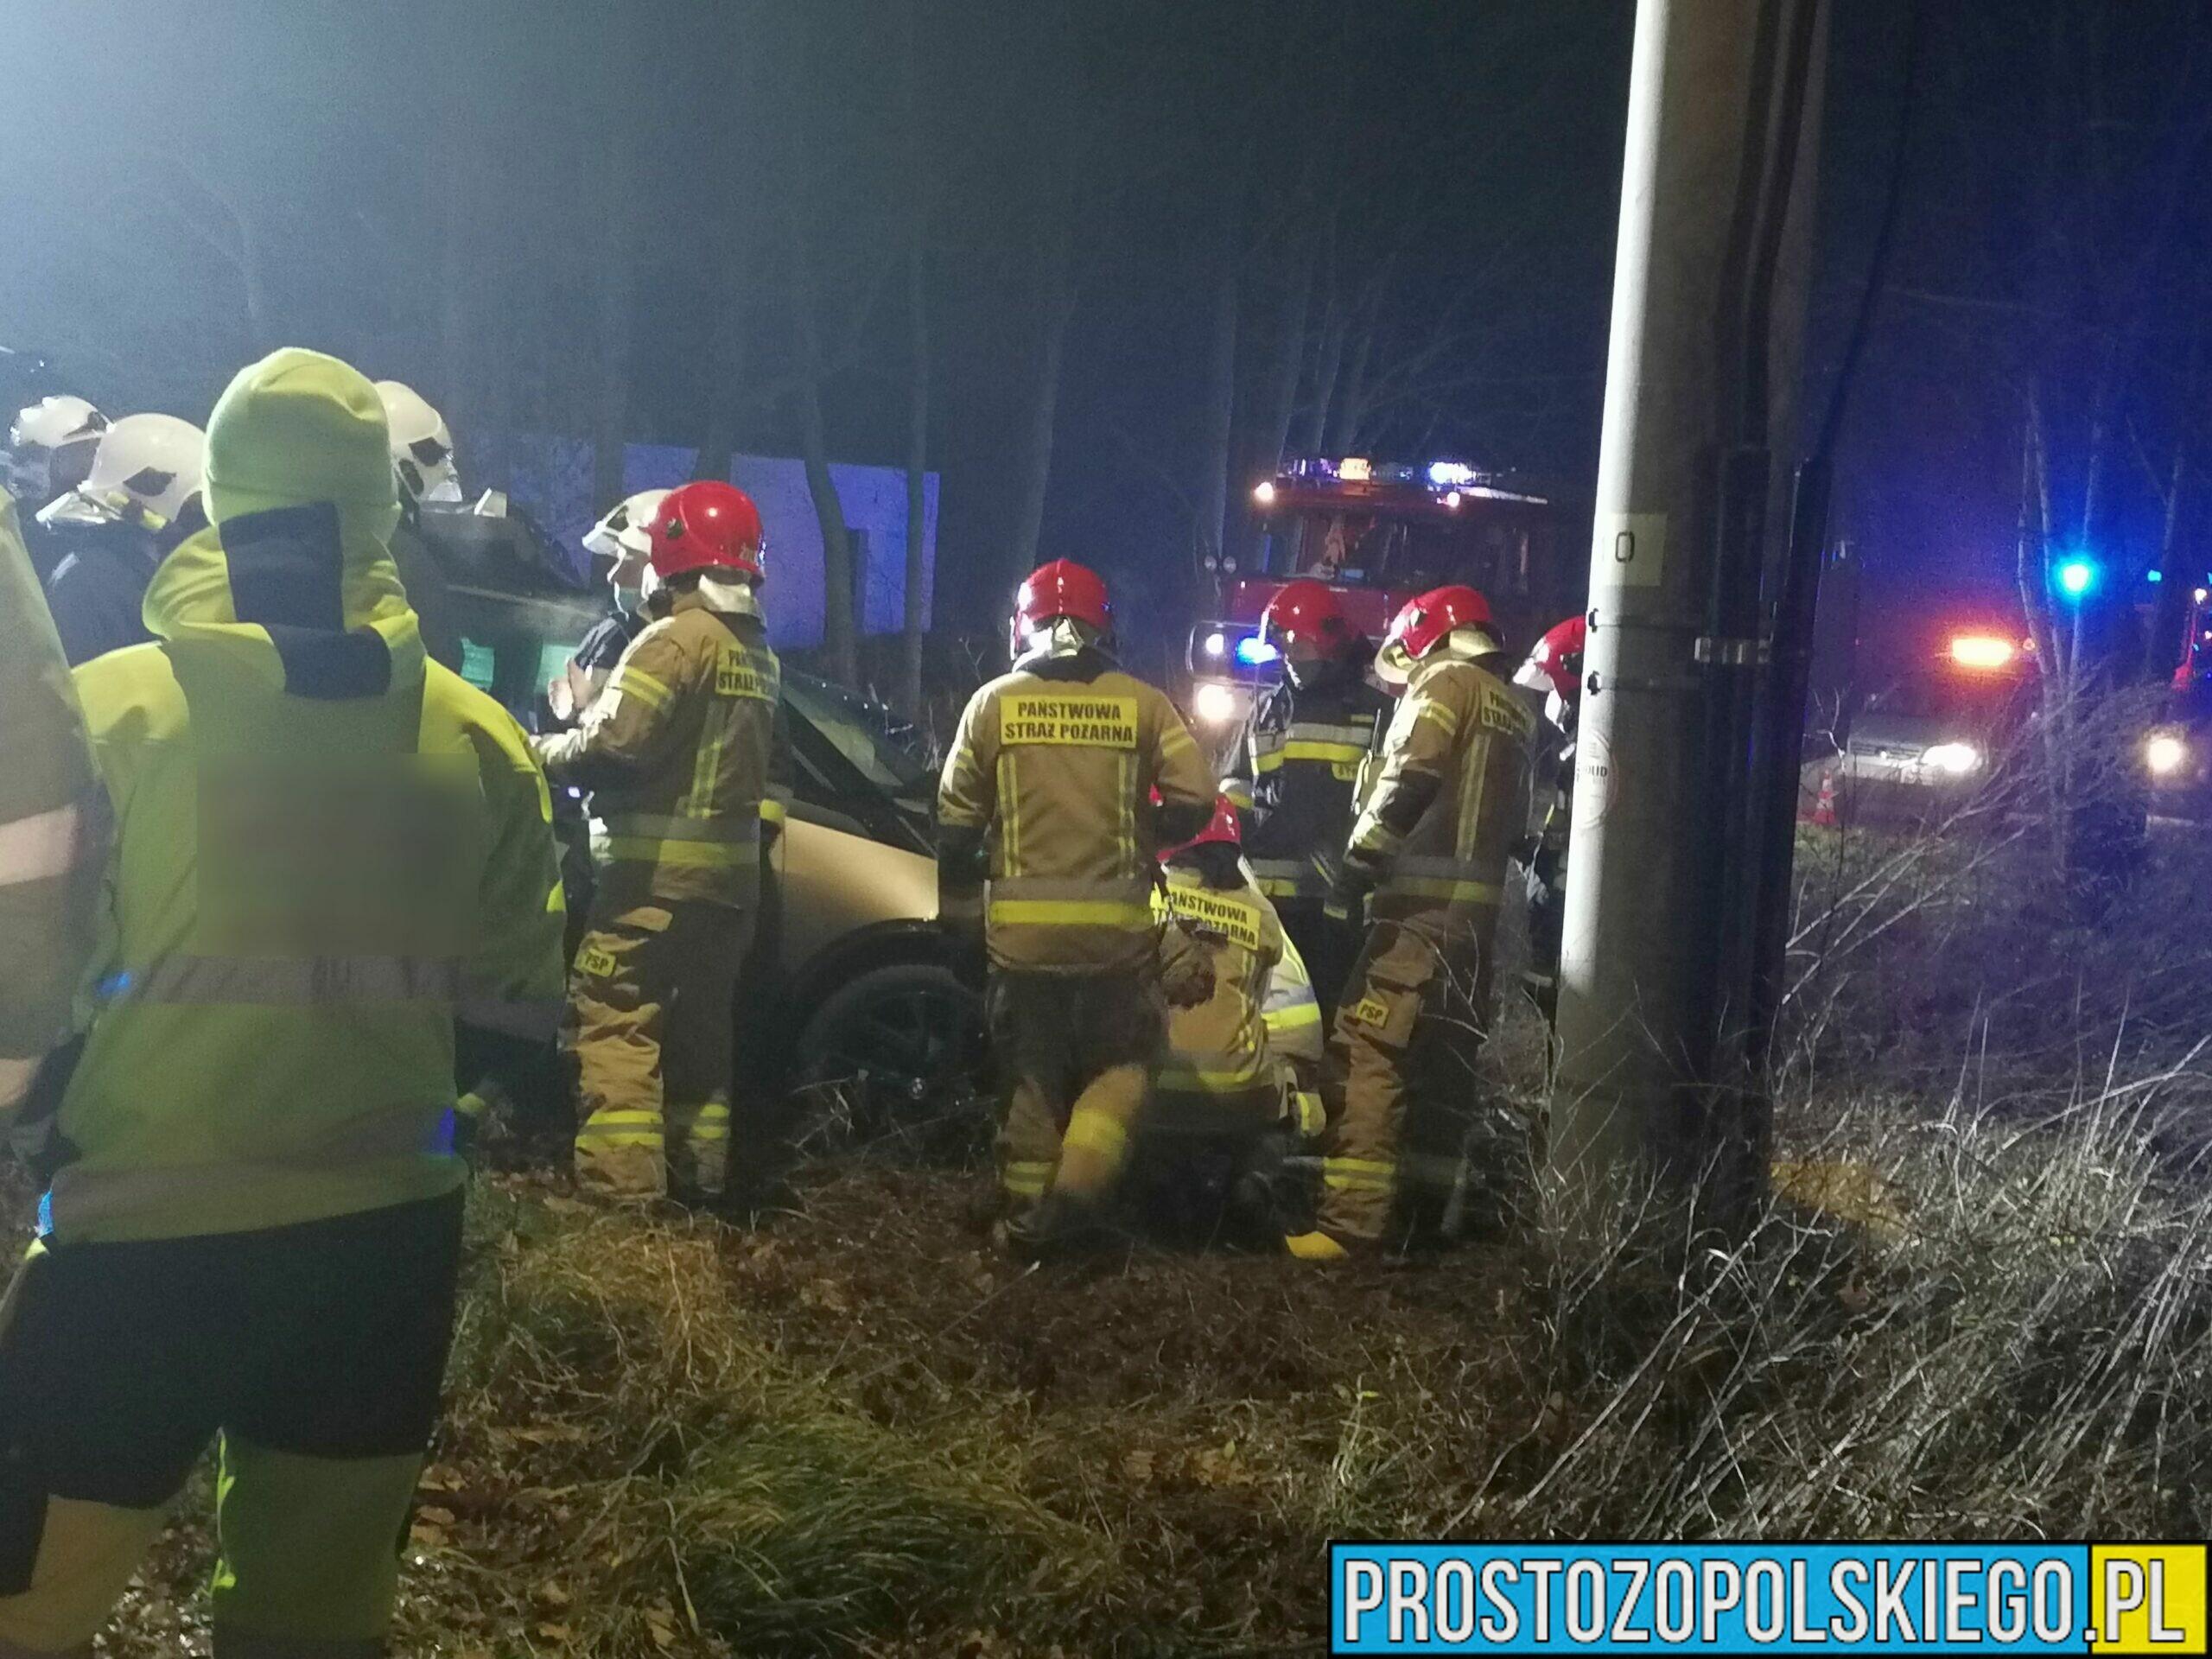 Zderzenie mercedesa z elektrycznym bmw. Jedna osoba jest poszkodowana.